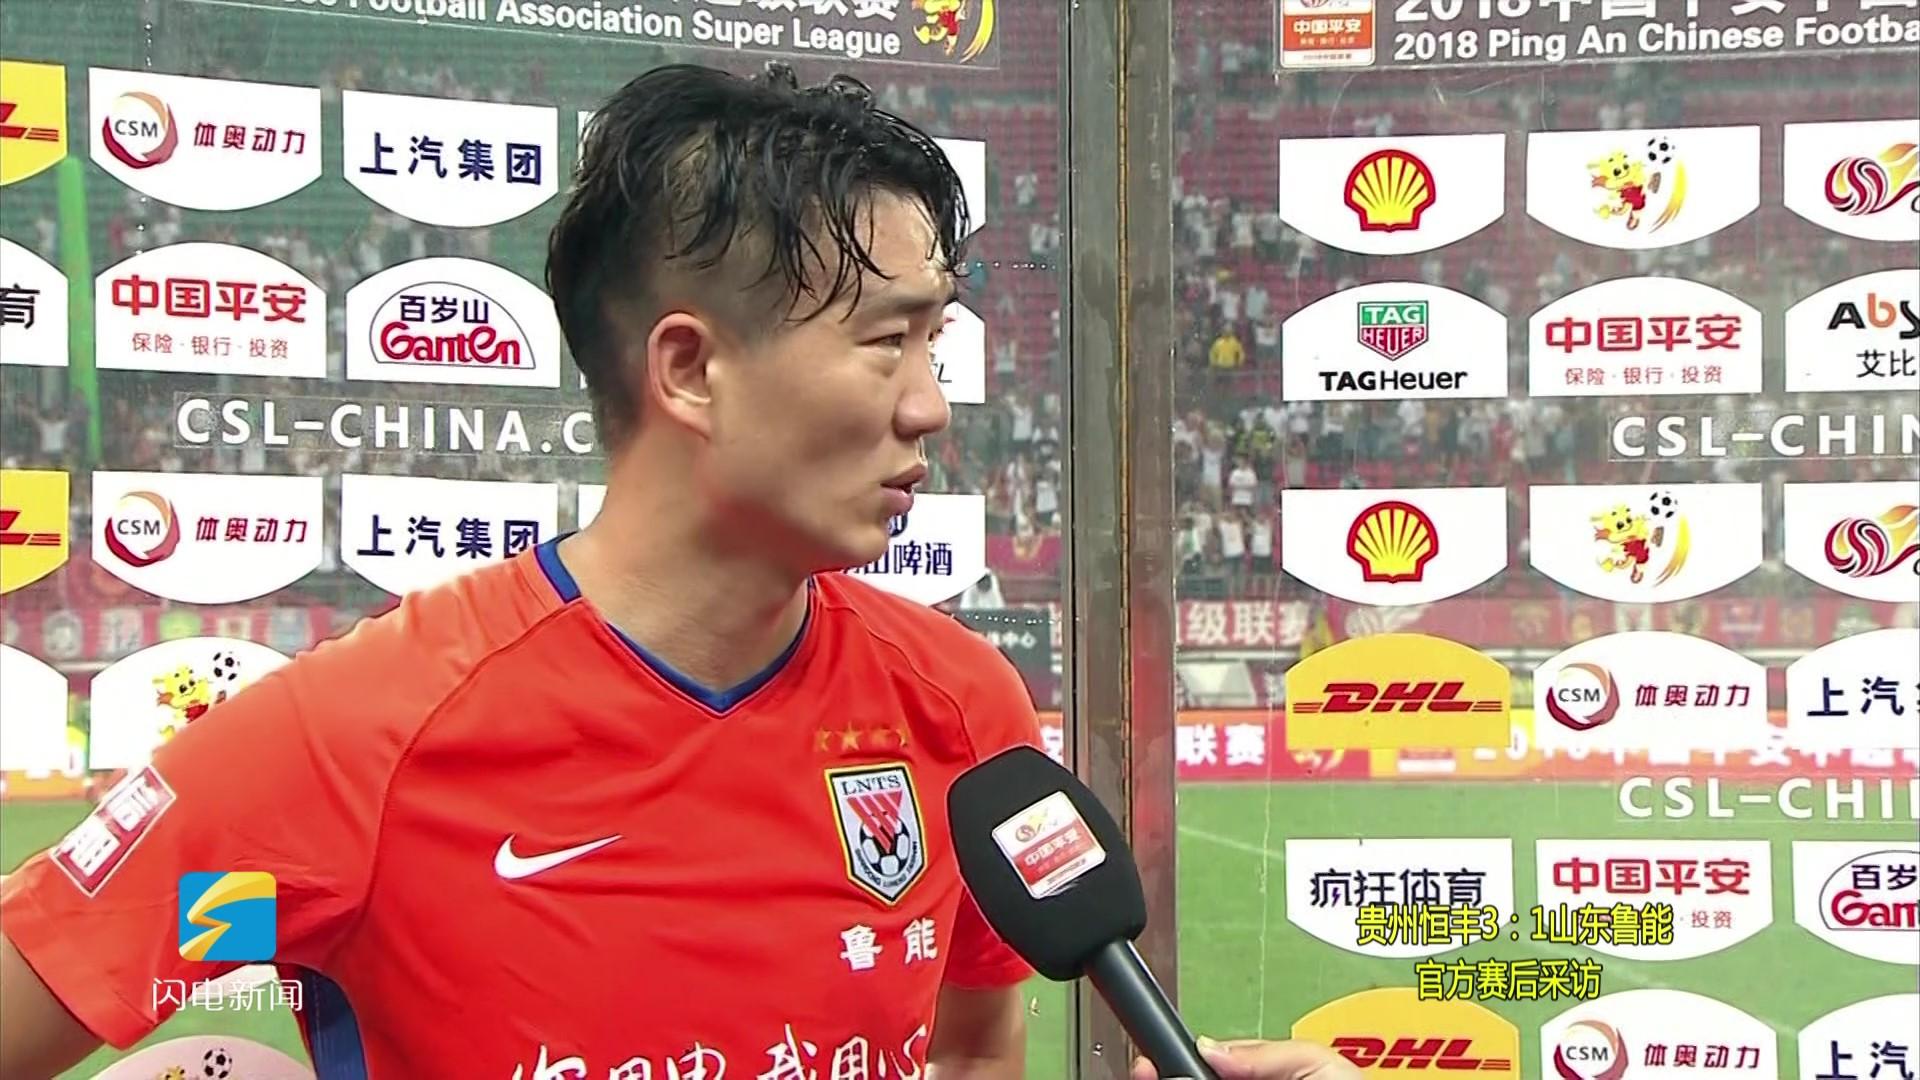 戴琳:鲁能争冠受到了阻击,不能因输球影响球队信心